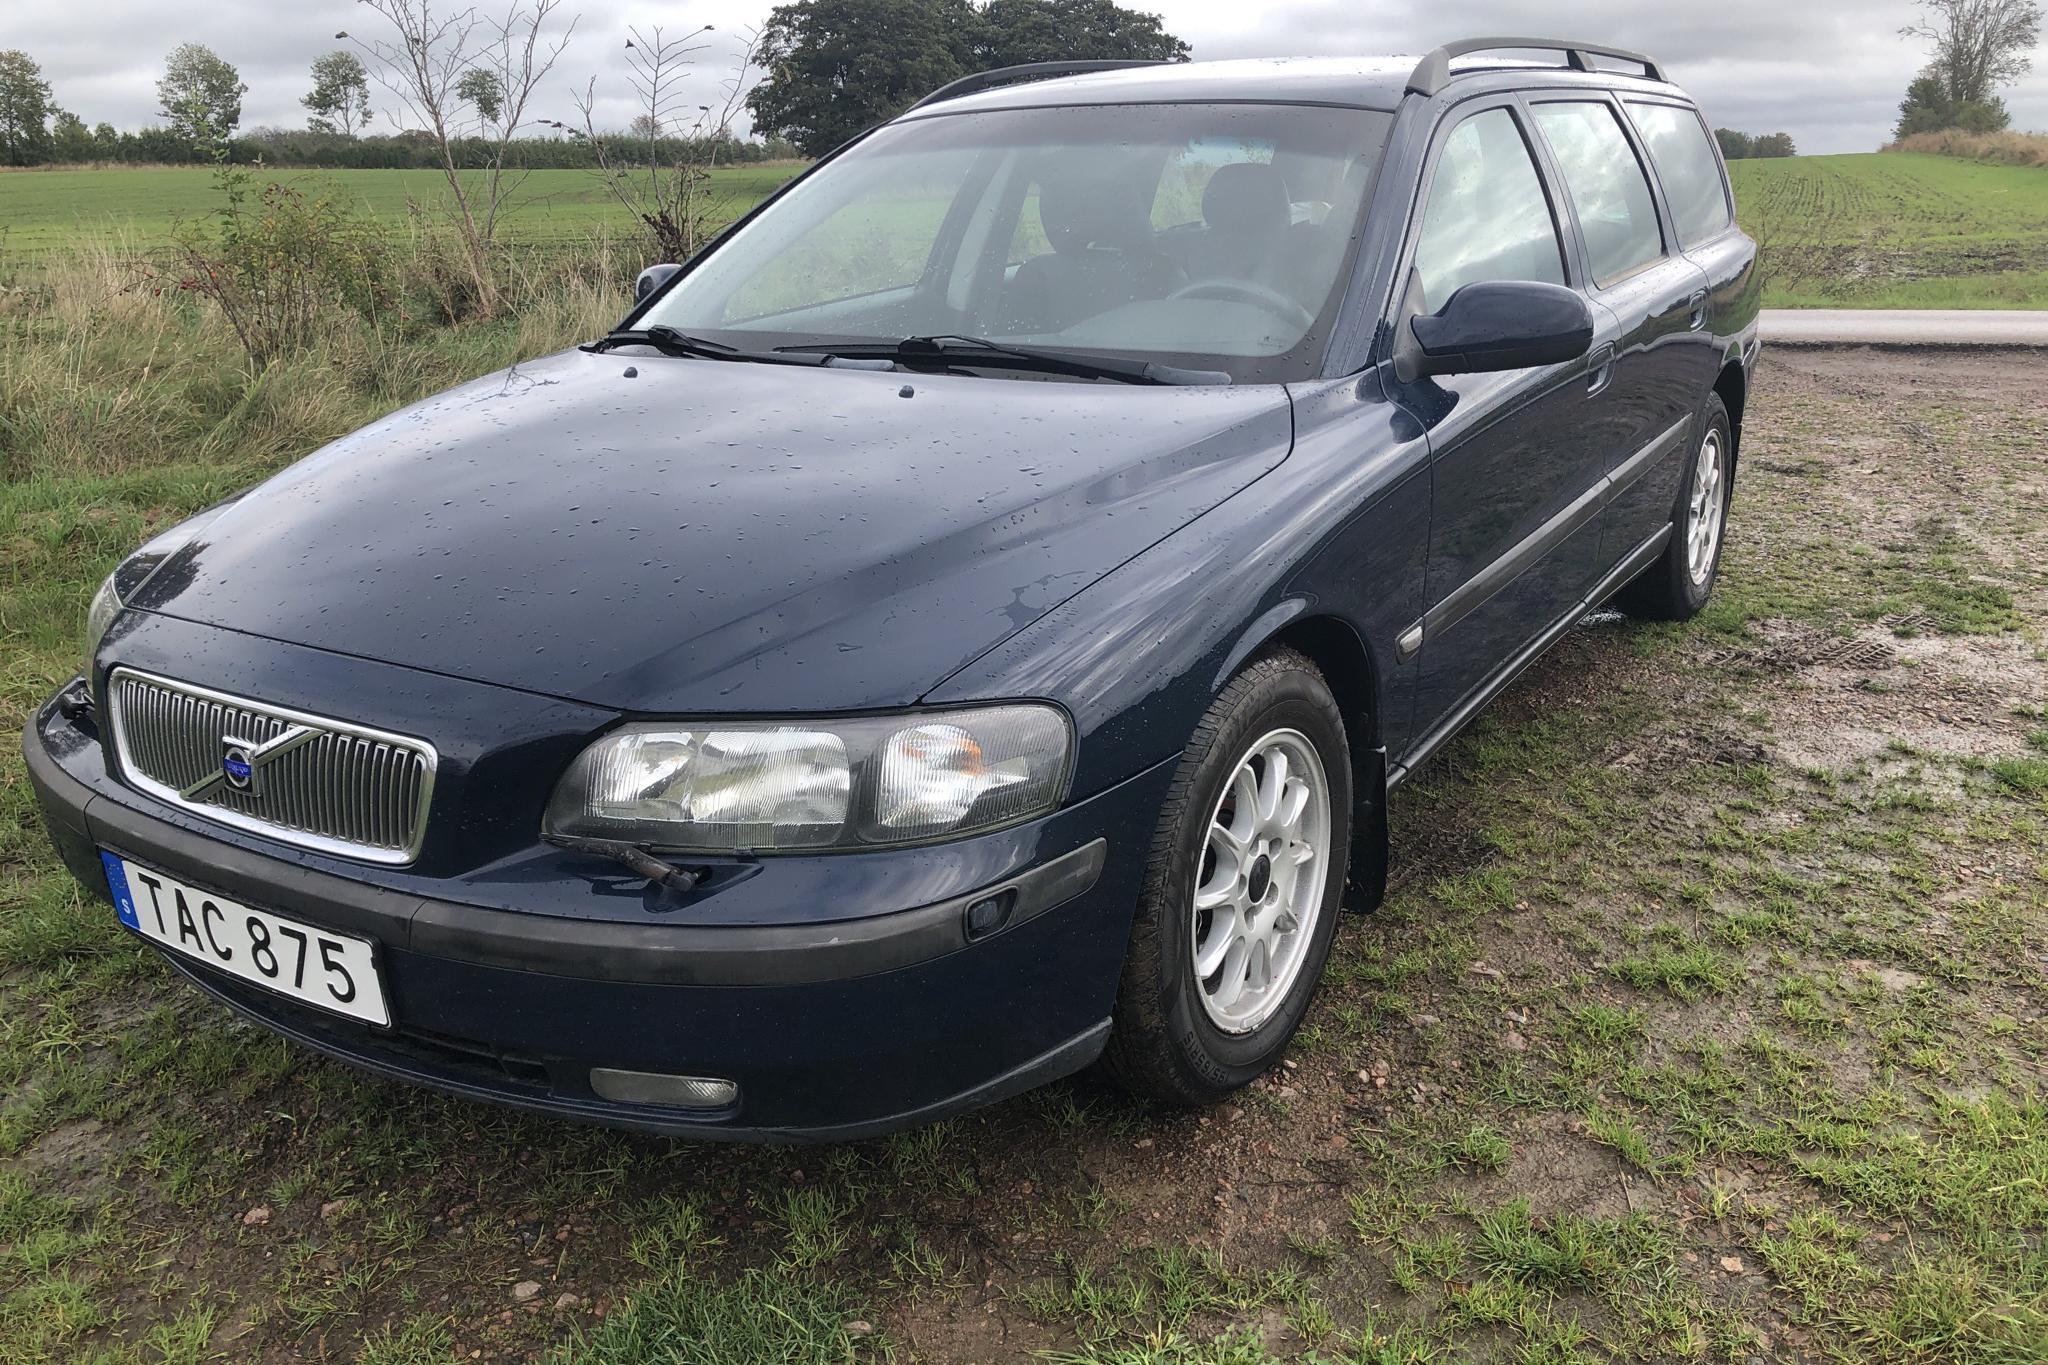 Volvo V70 2.4 (140hk) - 0 mil - Manuell - Dark Blue - 2002